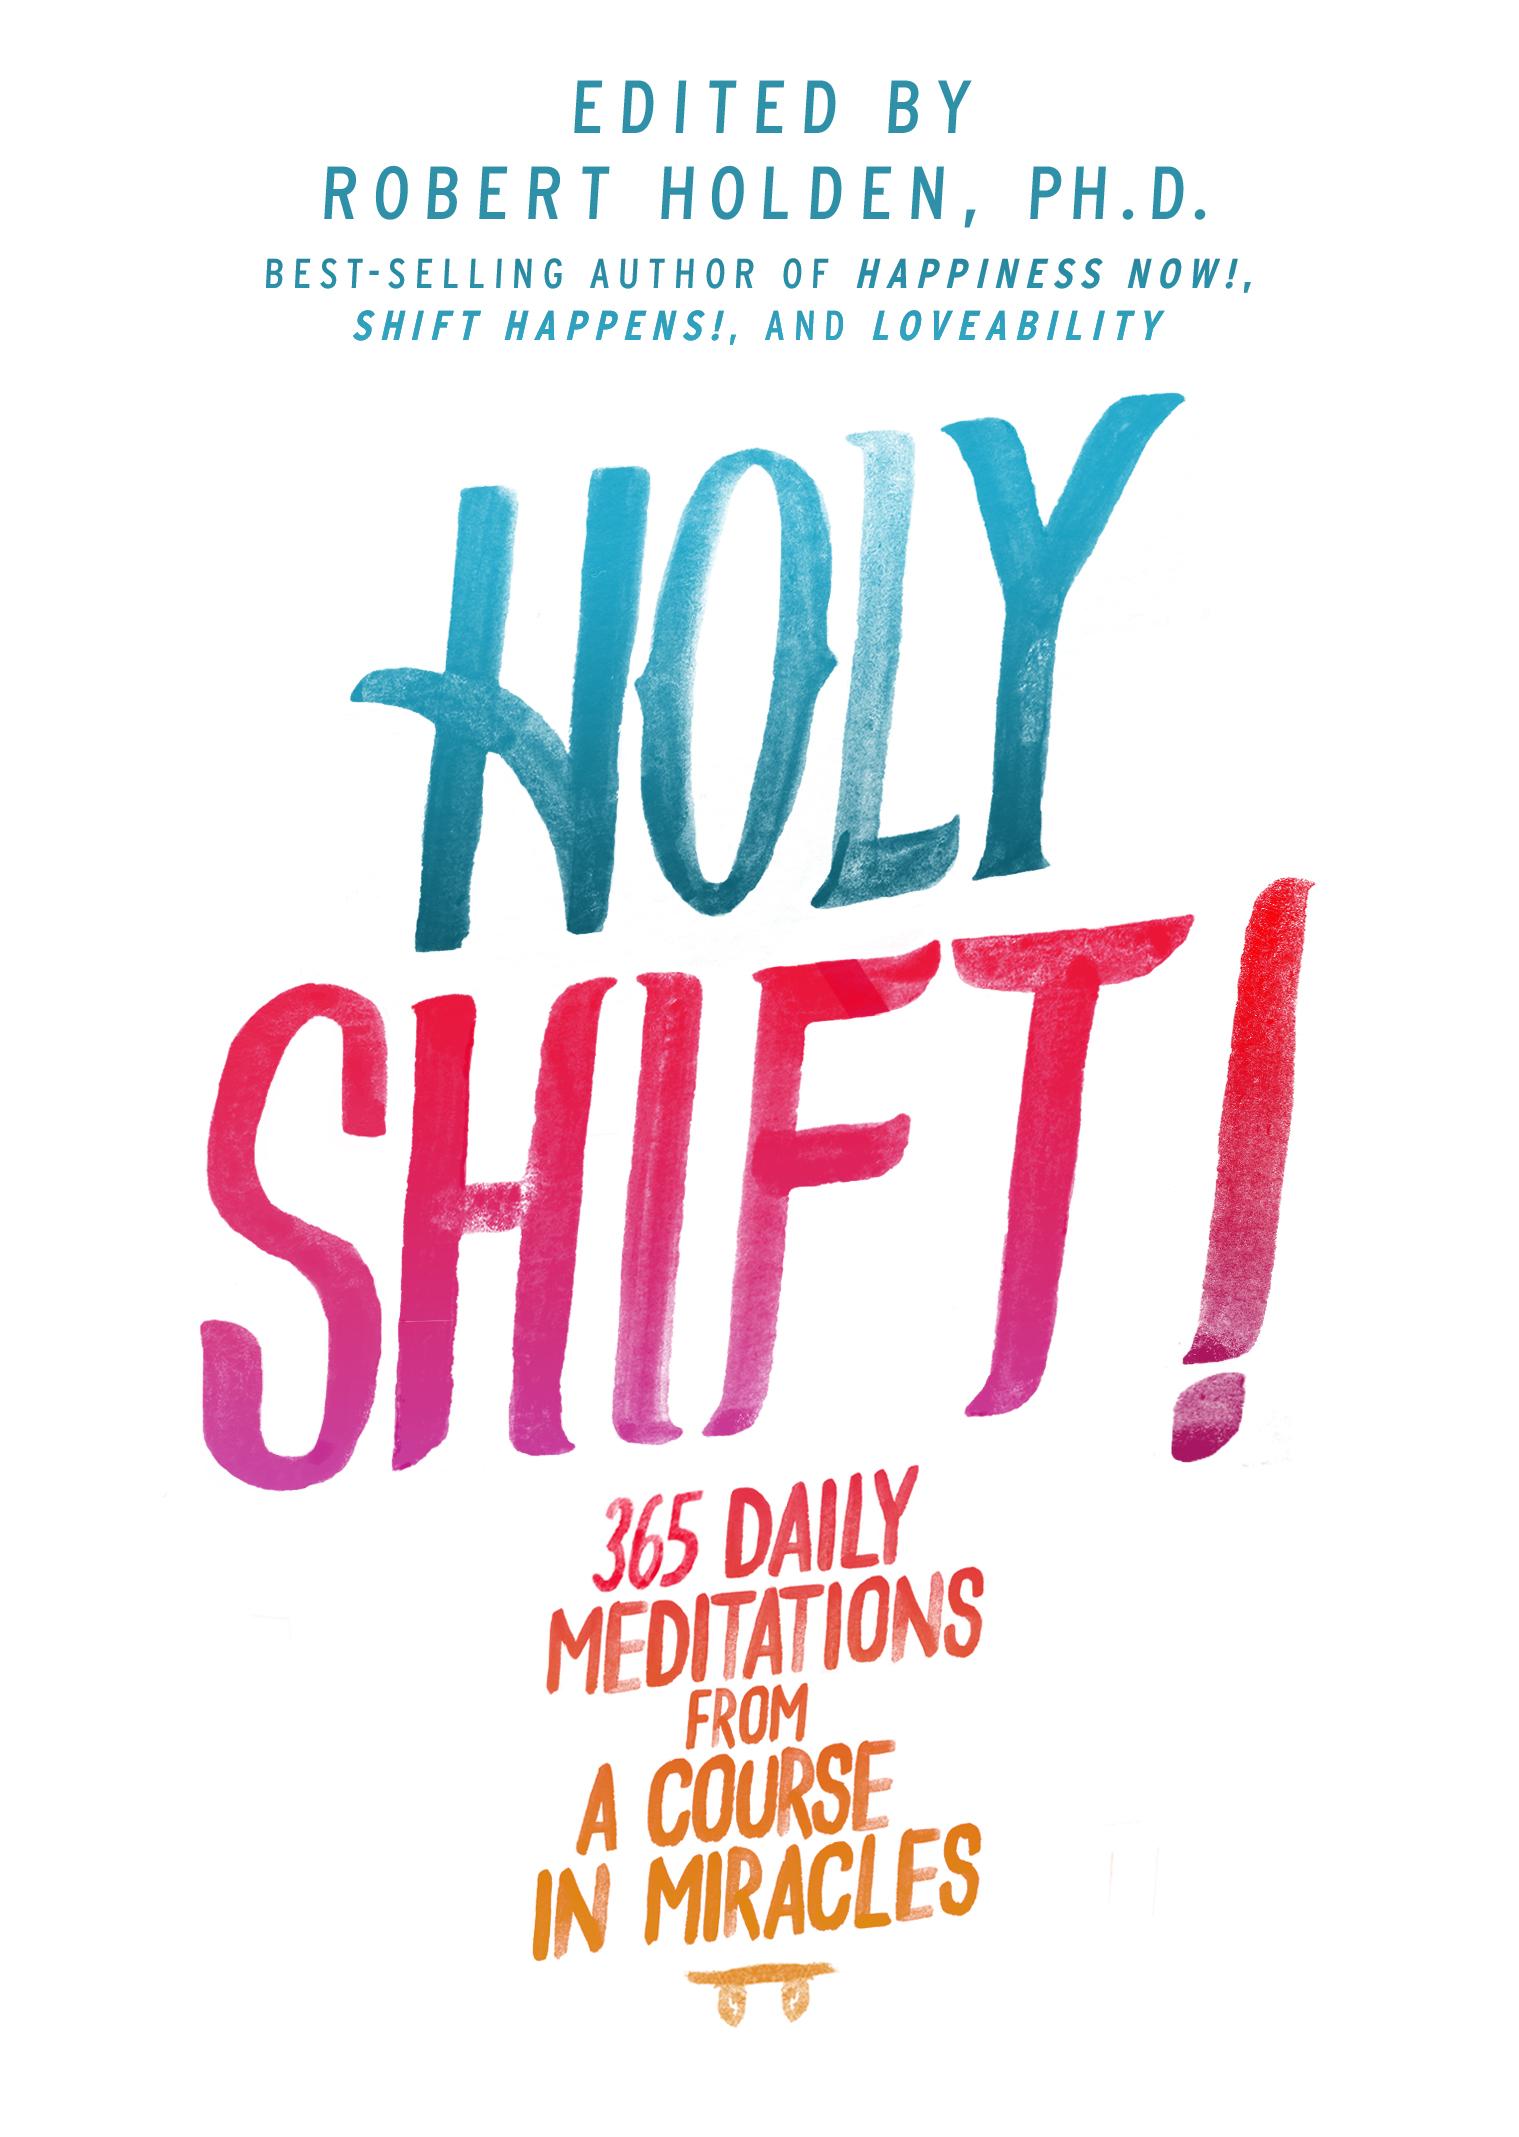 Holy Shift_RGB